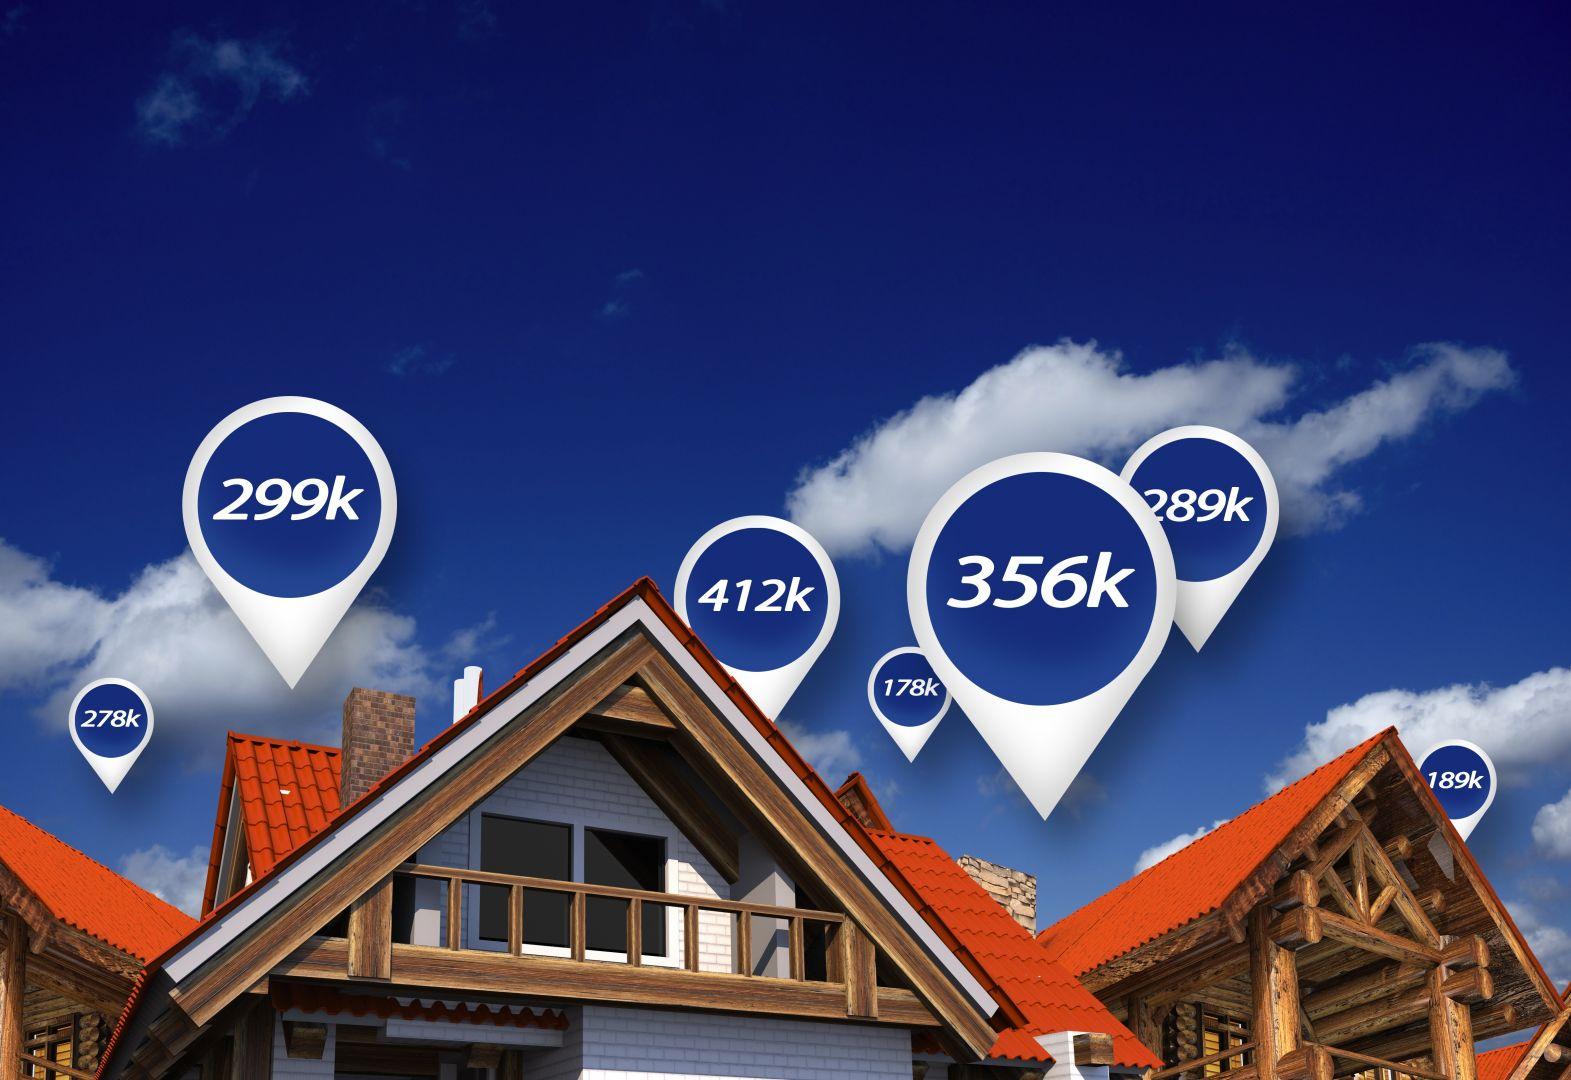 Estimation immobilière : Gérald Darmanin rend publique la base de données des prix détenue par l'Administration fiscale